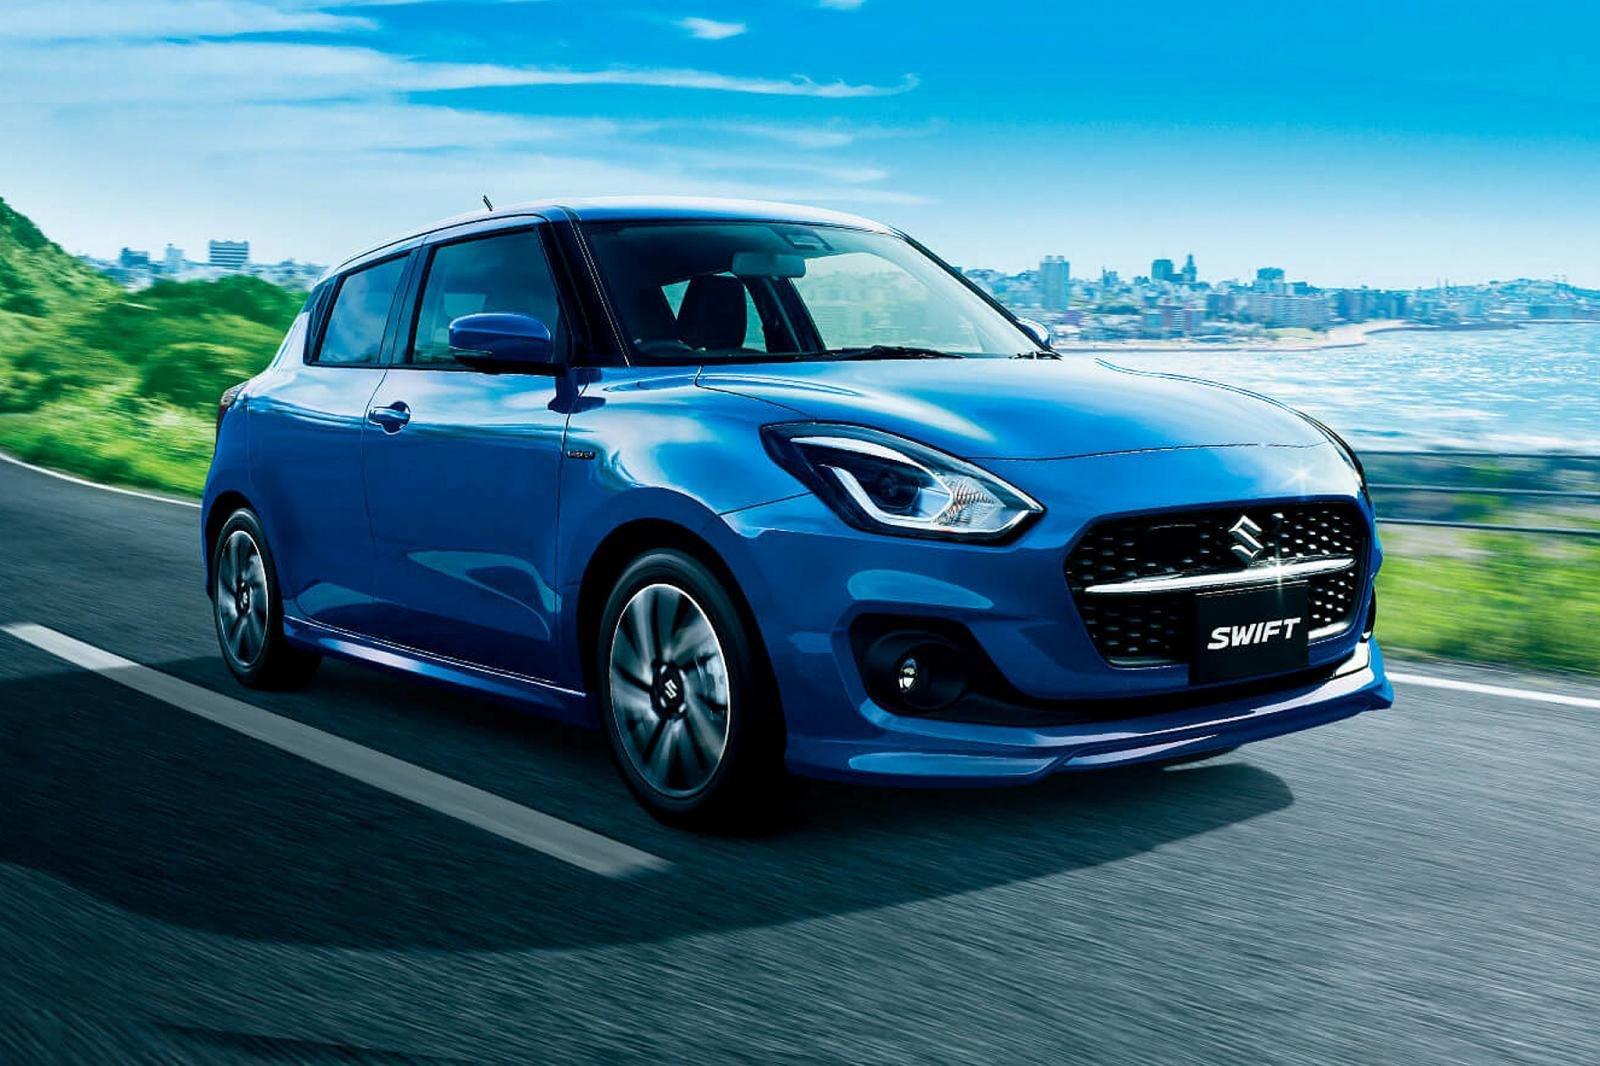 Suzuki Swift 2020 facelift nâng cấp tính năng an toàn và công nghệ.